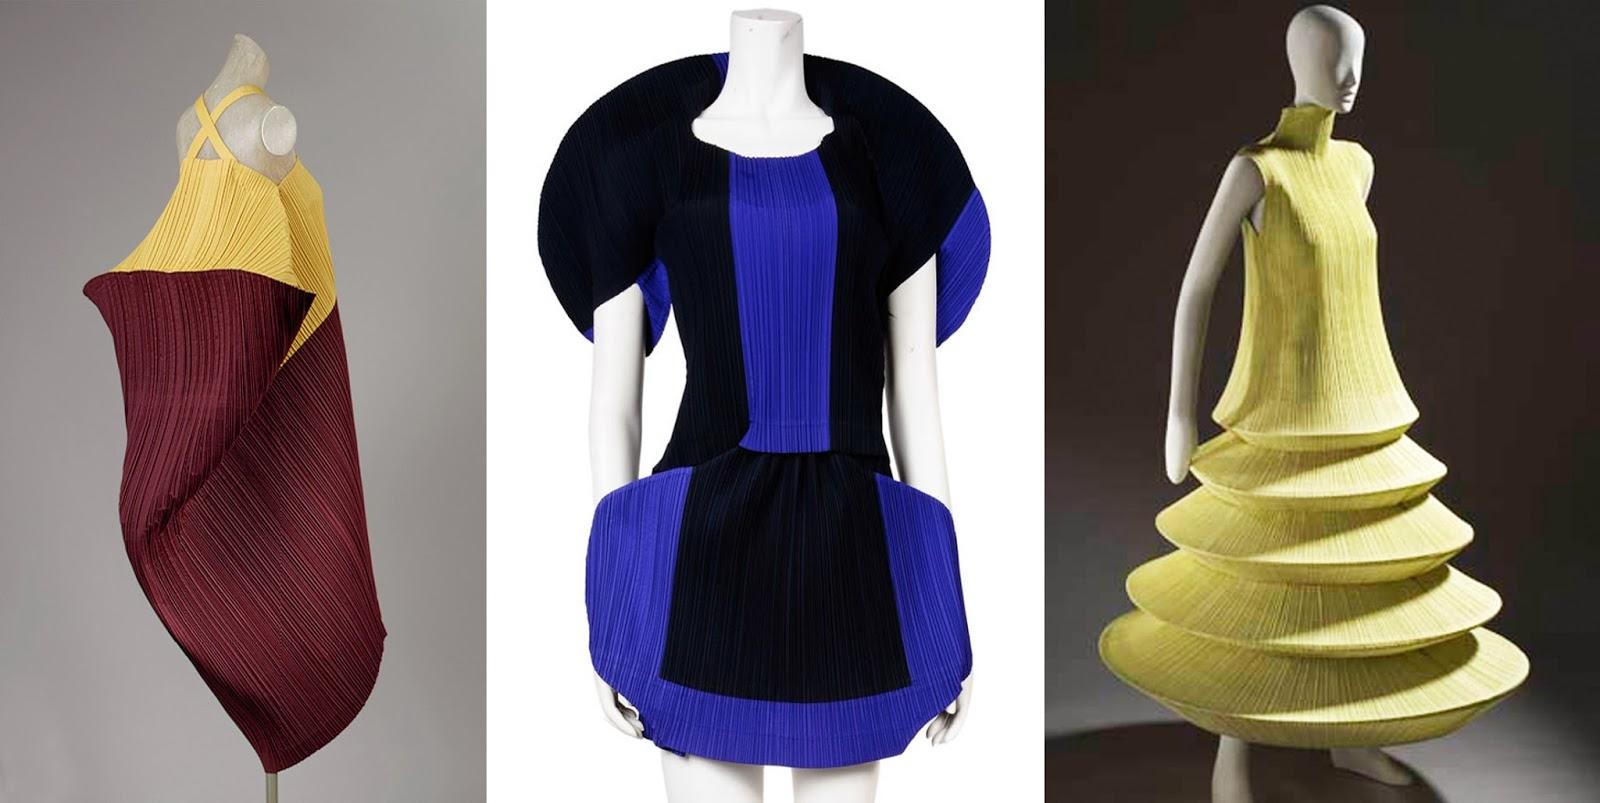 Issey miyake japanese fashion designer 8